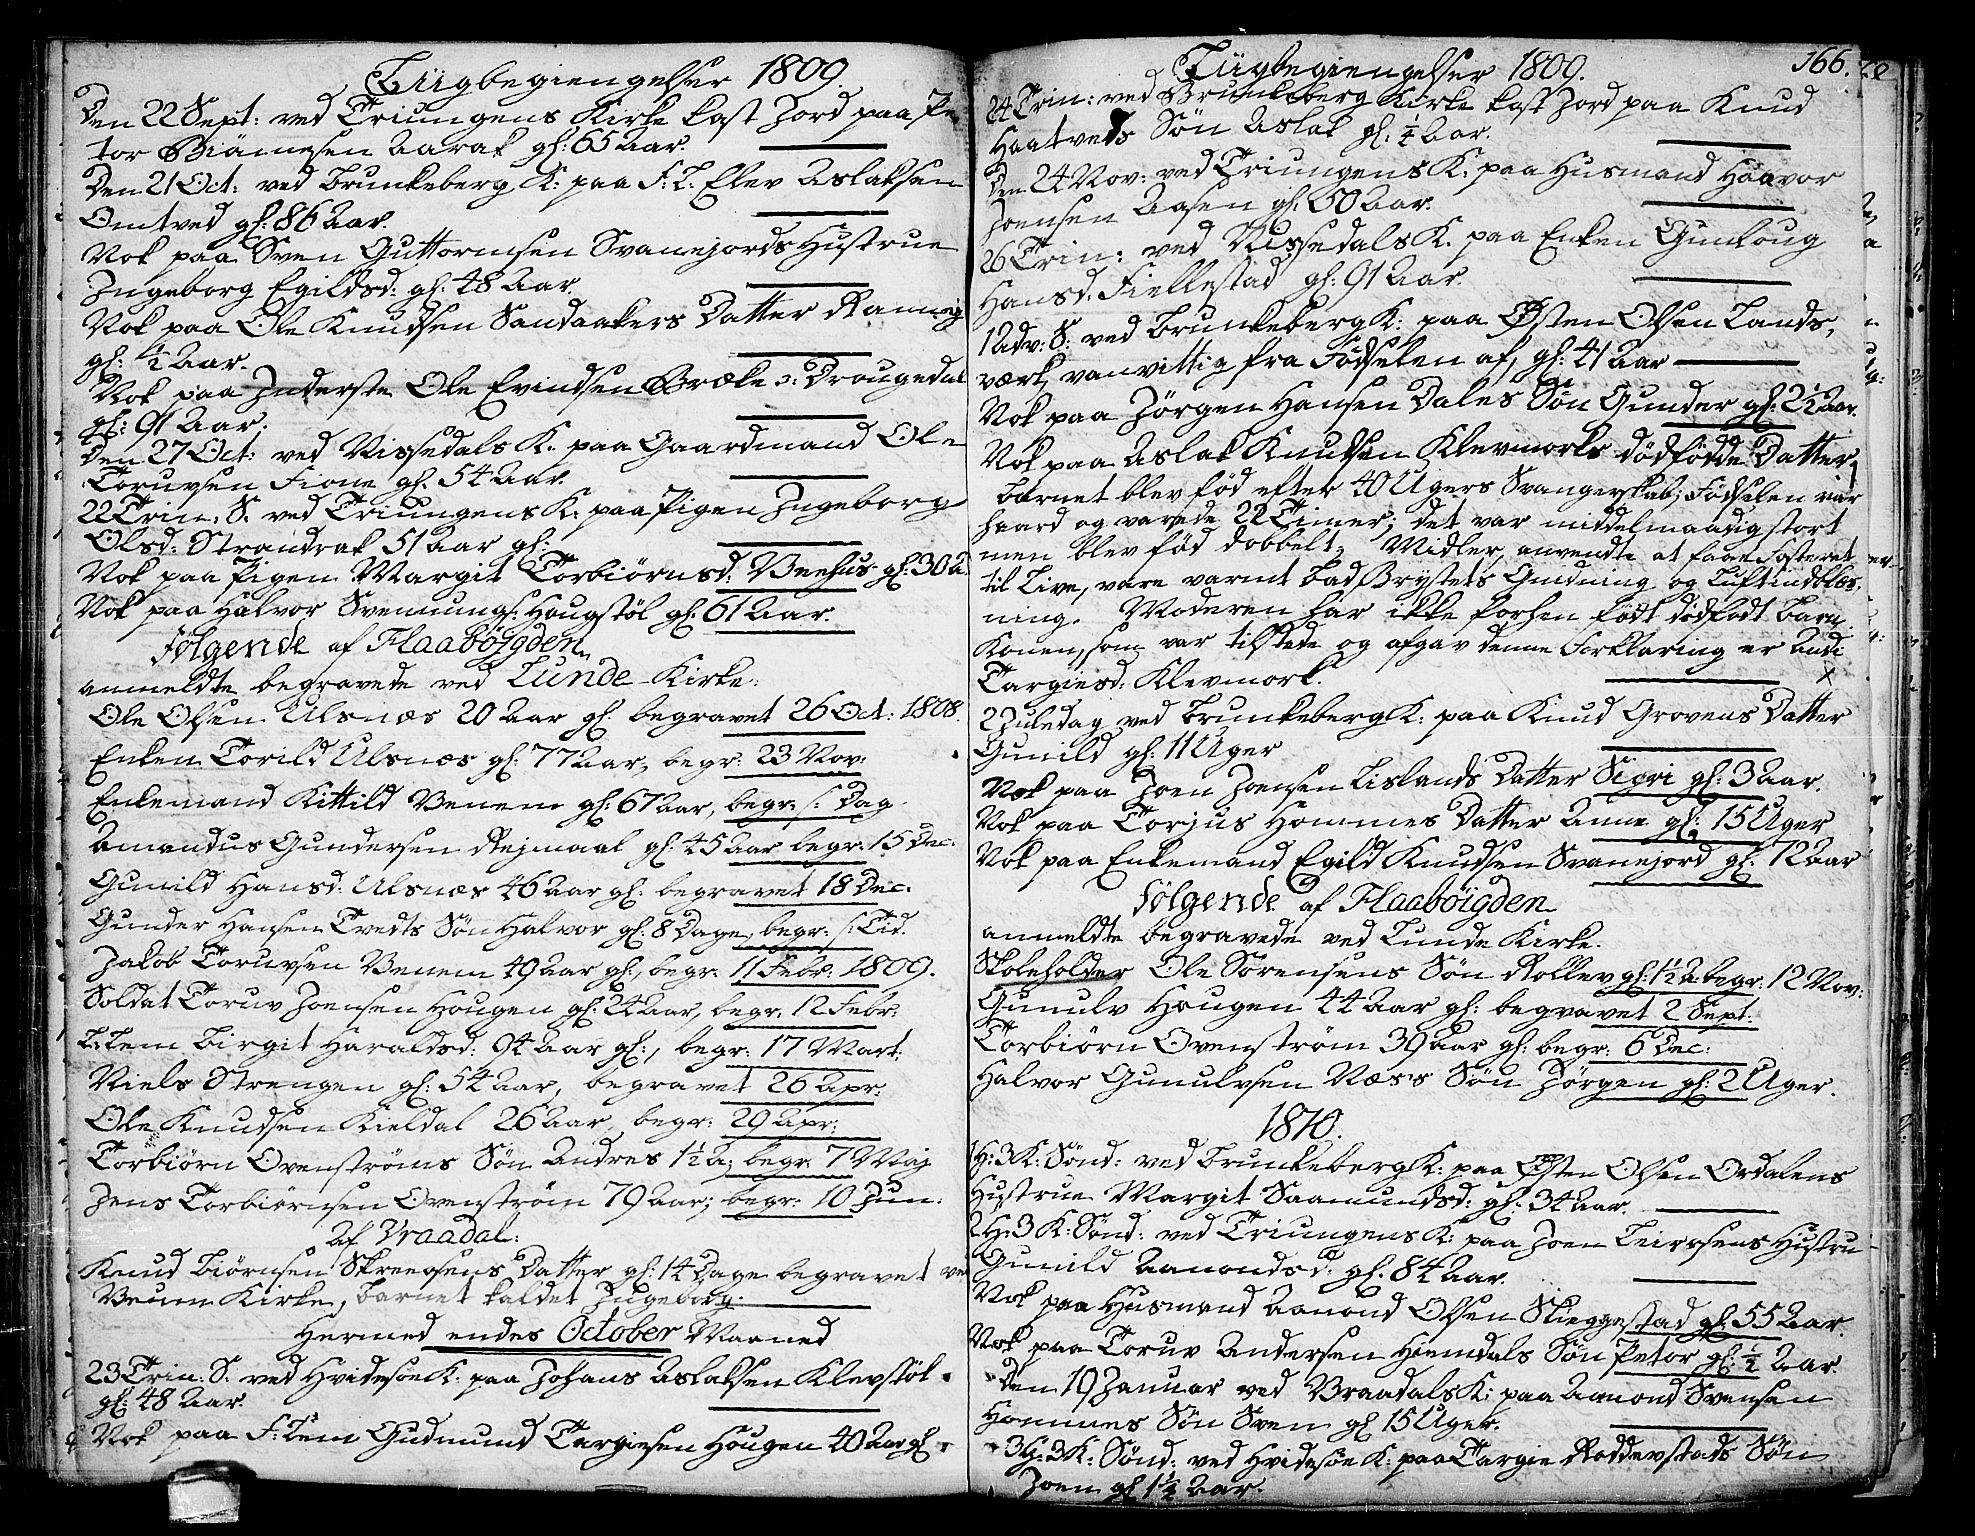 SAKO, Kviteseid kirkebøker, F/Fa/L0004: Ministerialbok nr. I 4, 1800-1814, s. 166